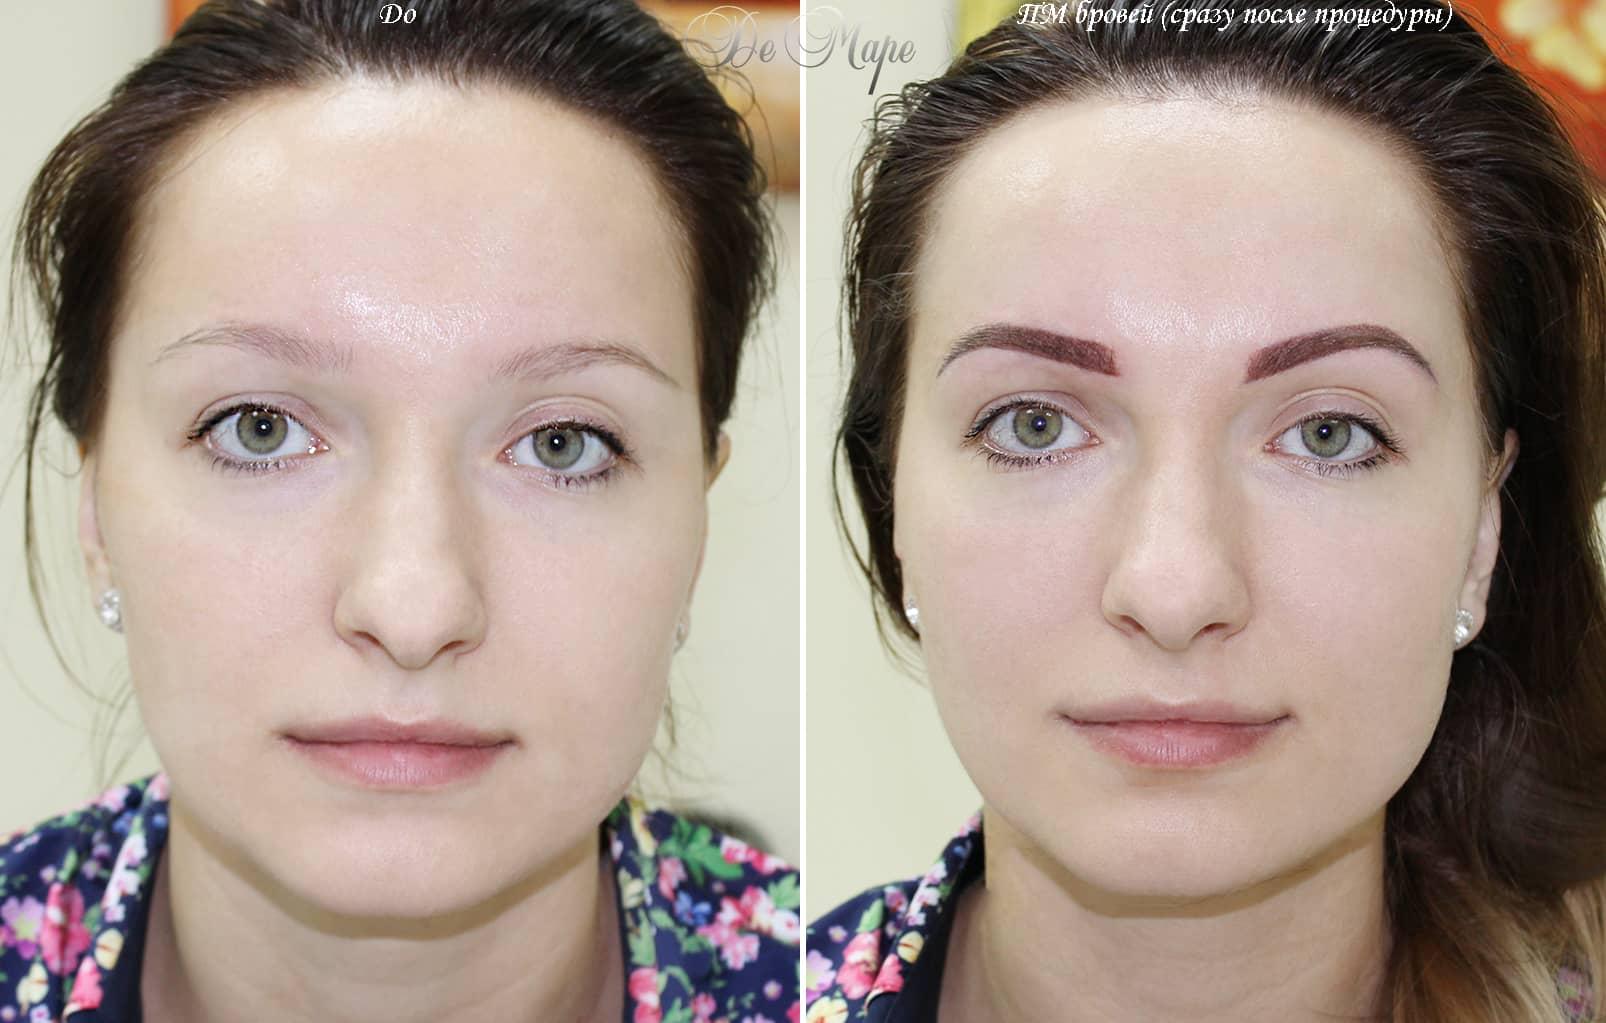 обследования перманентный татуаж фото до и после любого